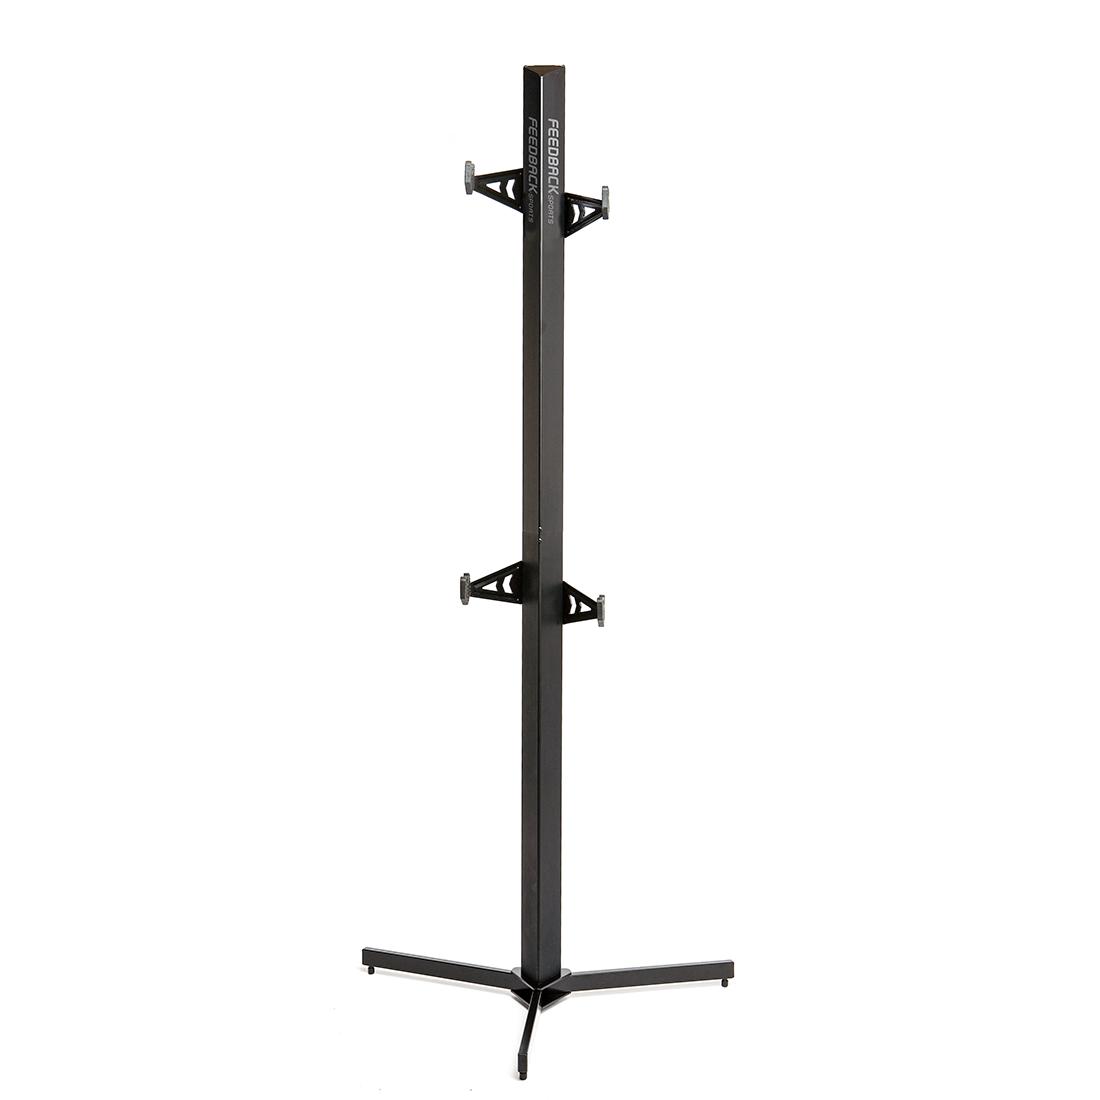 feedback-sports-velo-cache-bike-stand-black.jpg